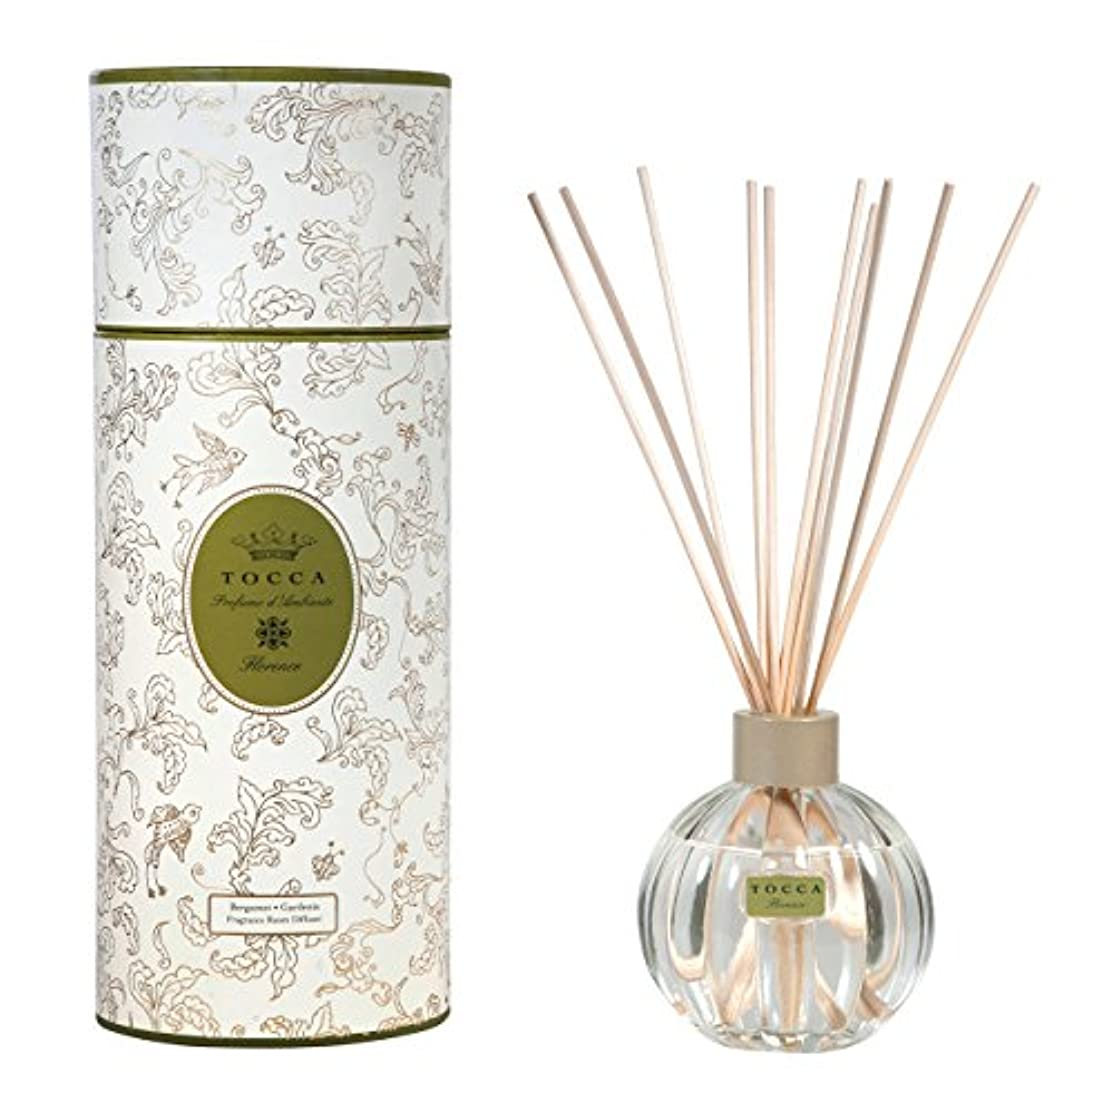 巡礼者スイス人甘美なトッカ(TOCCA) リードディフューザー フローレンスの香り 175ml 3~4ヶ月持続(芳香剤 ルームフレグランス ガーデニアとベルガモットが誘うように溶け合うどこまでも上品なフローラルの香り)